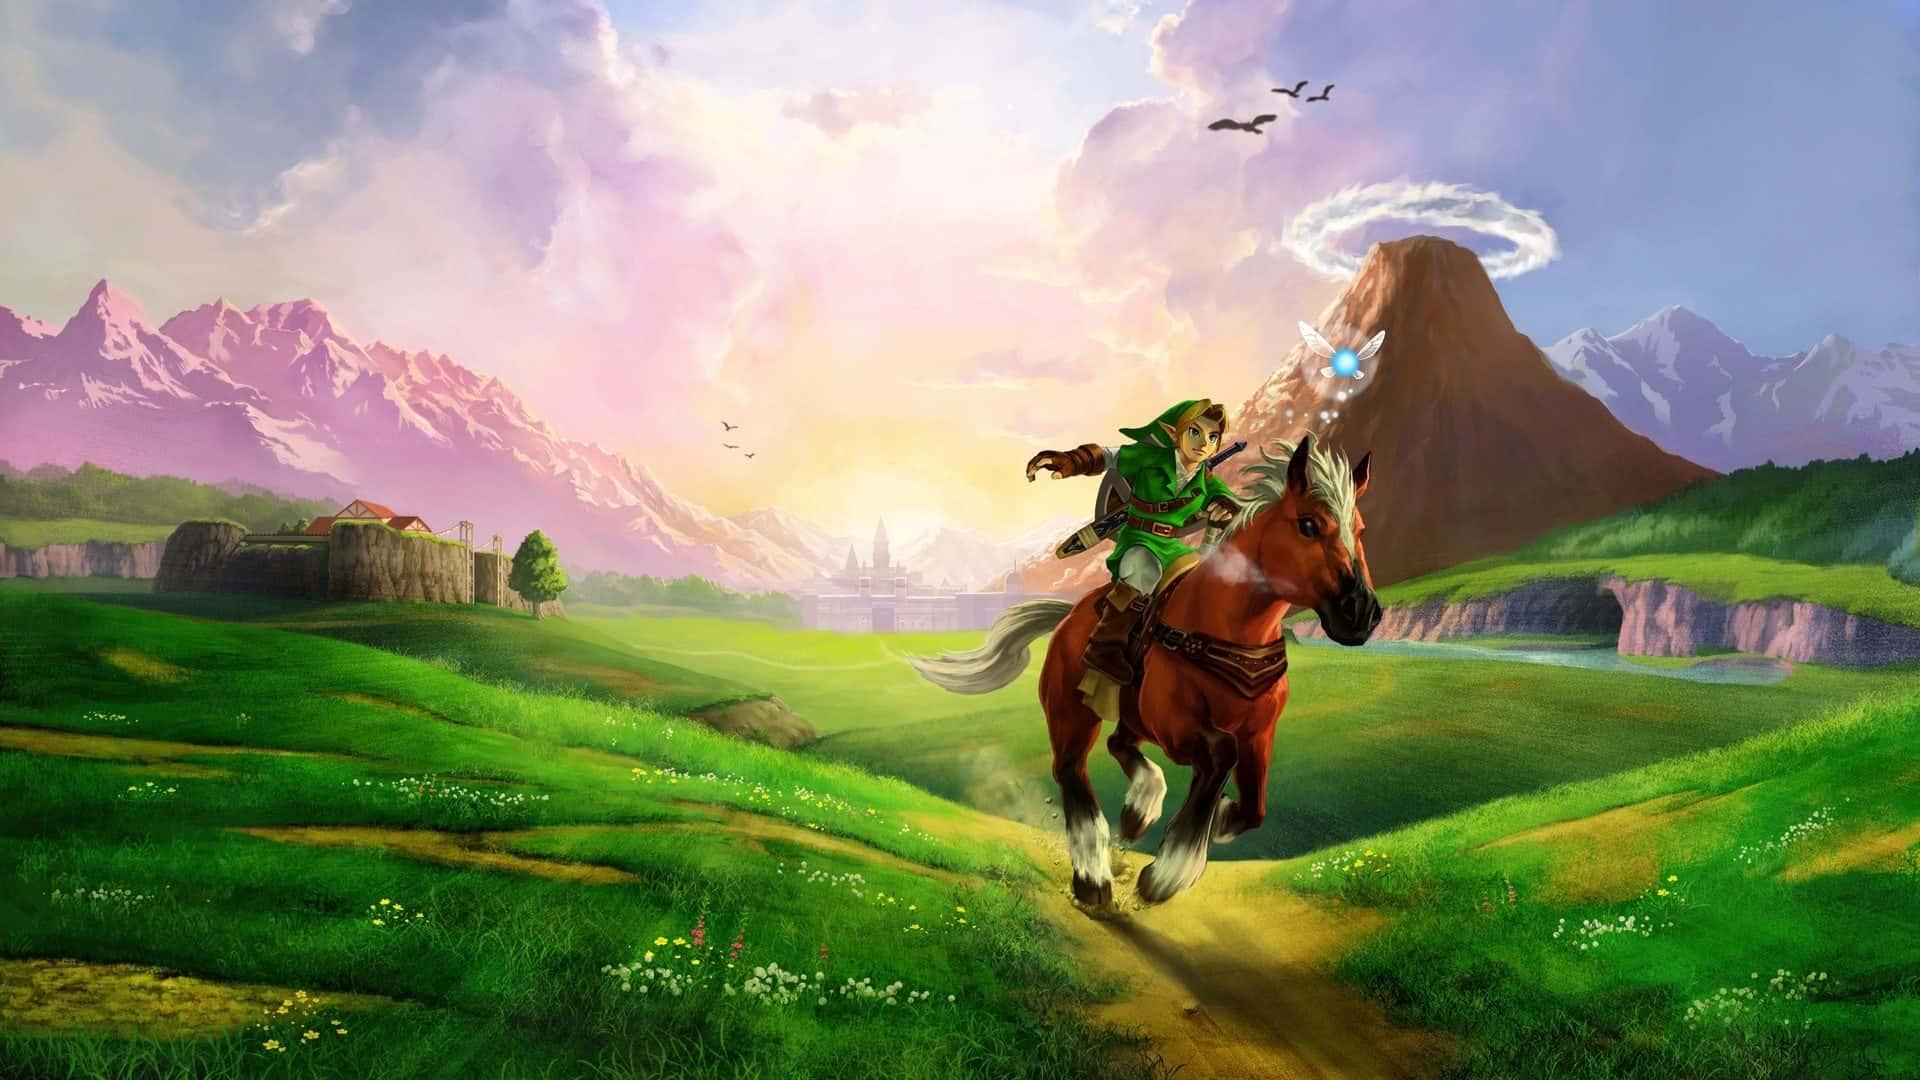 legend of zelda facts - epona